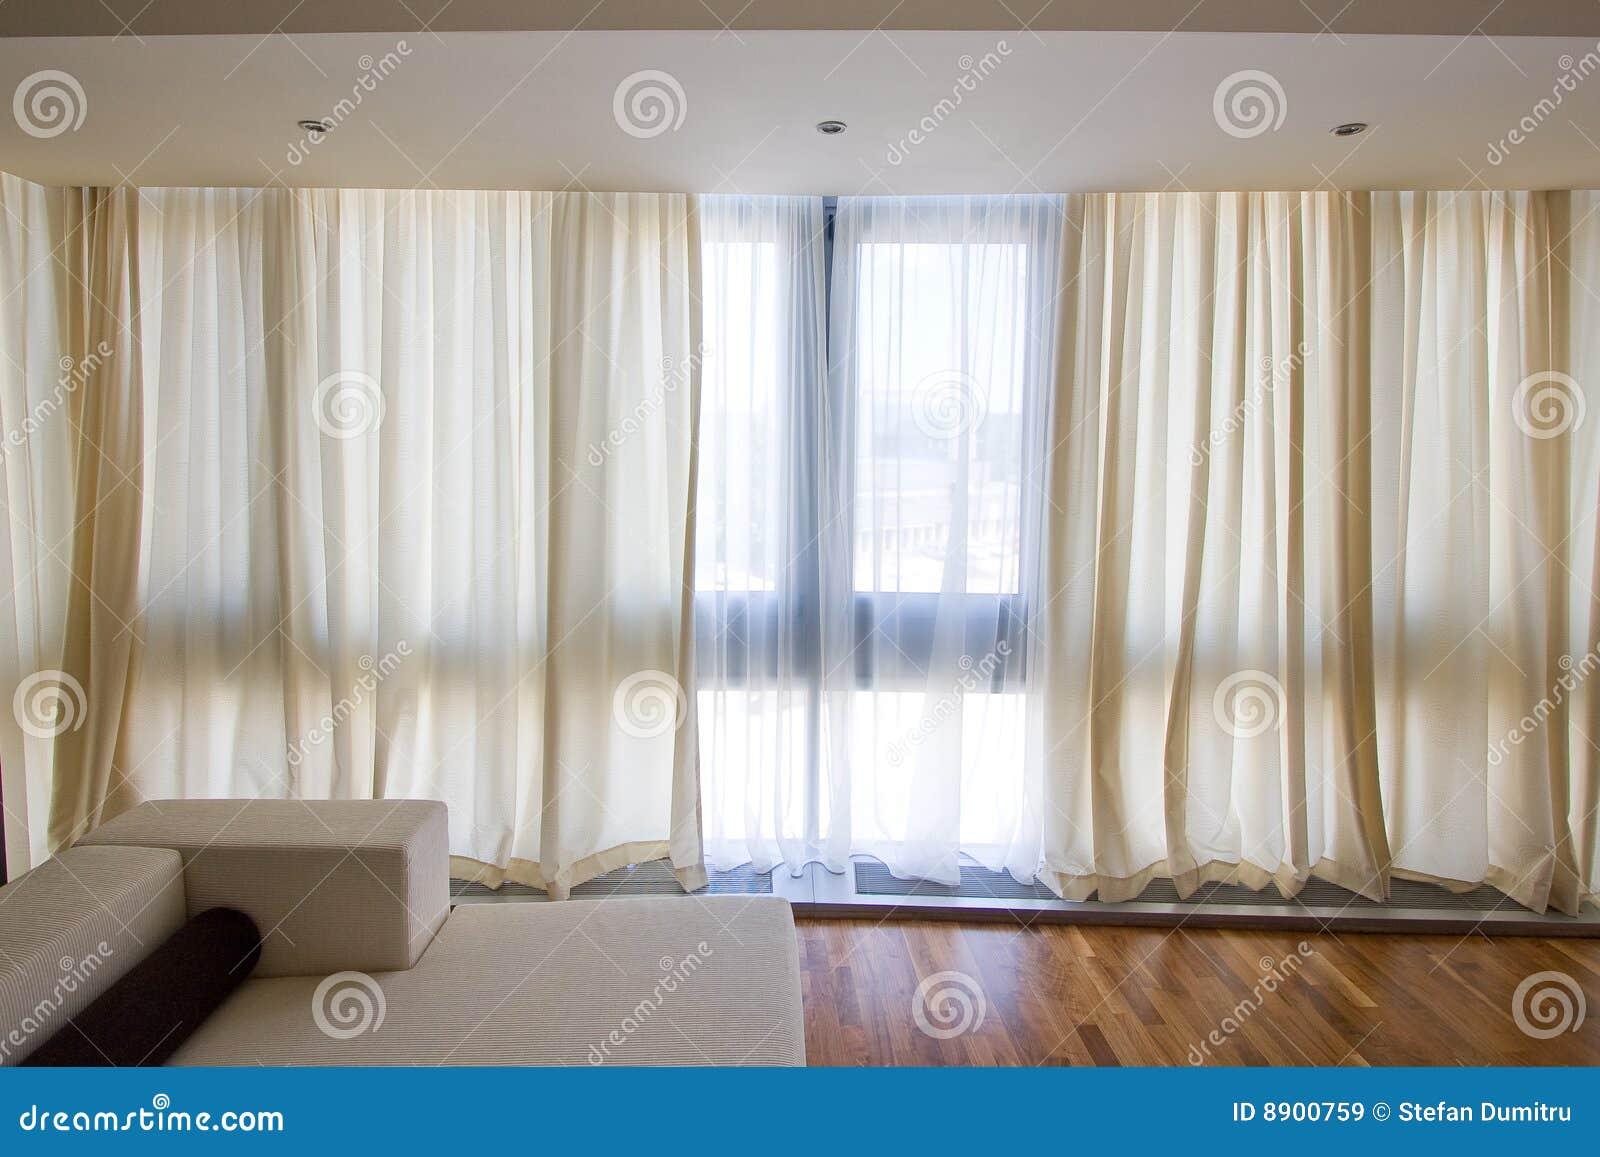 cortinas transparentes imagens de stock royalty free